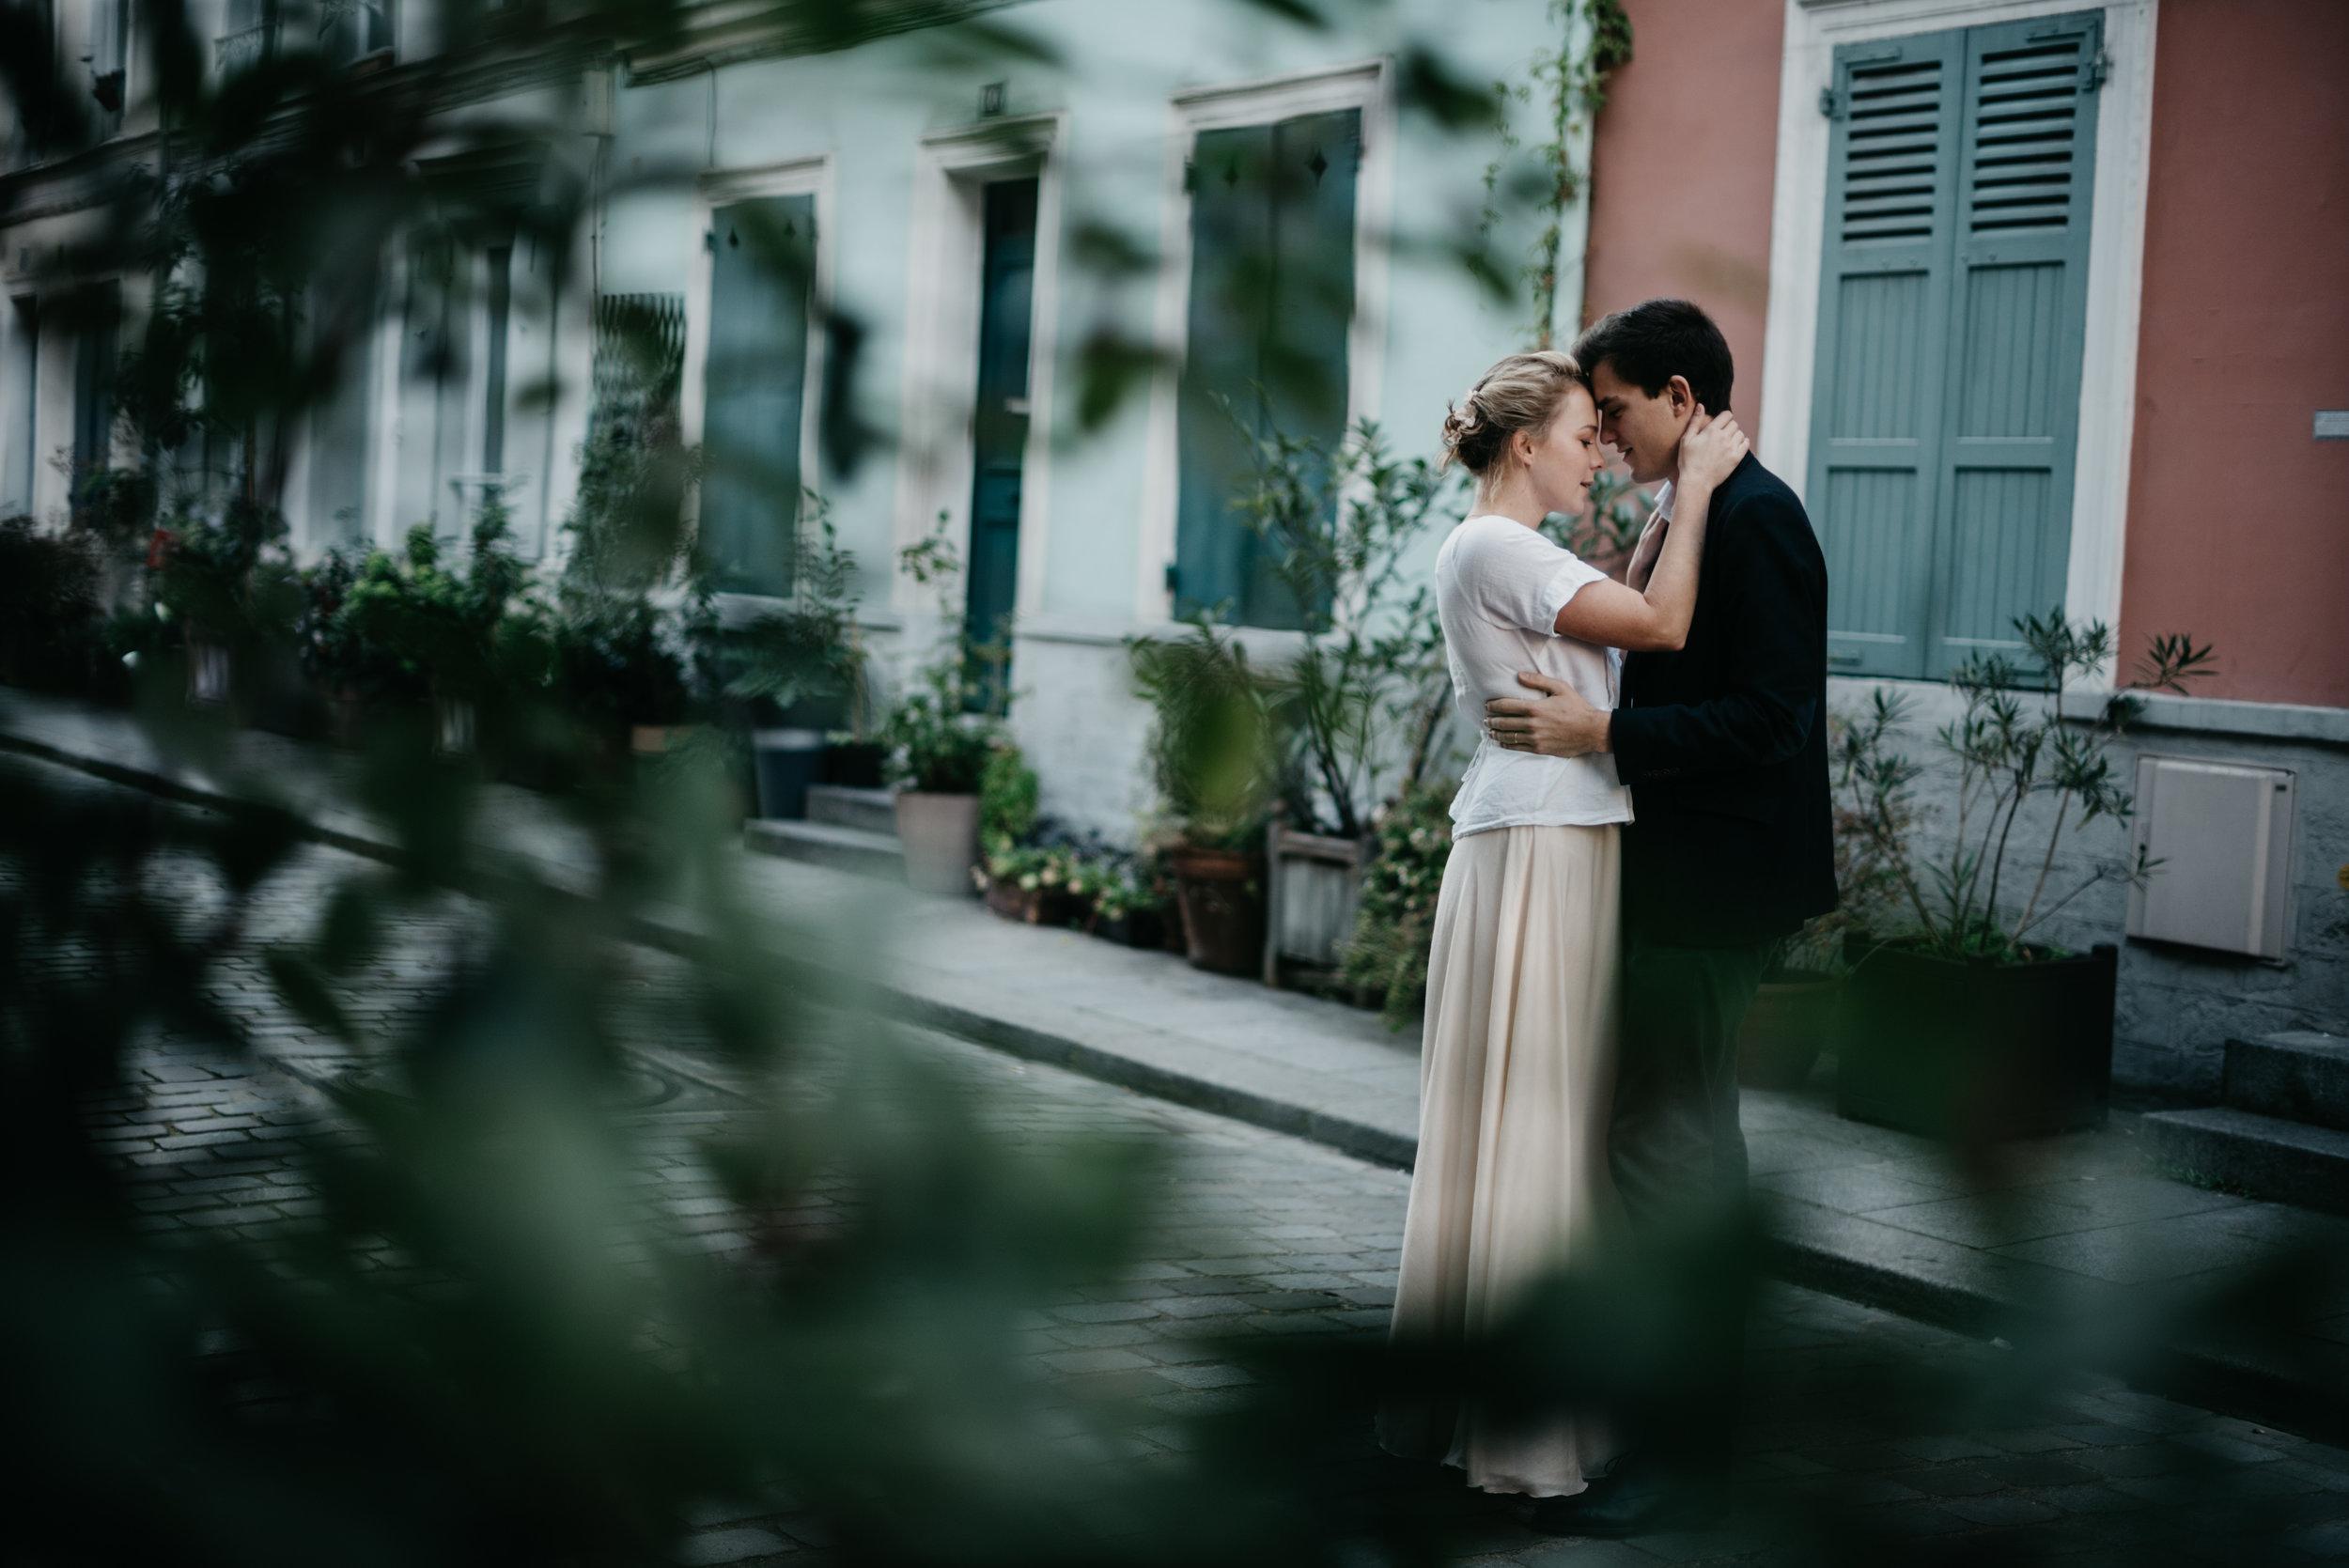 Léa-Fery-photographe-professionnel-lyon-rhone-alpes-portrait-creation-mariage-evenement-evenementiel-famille-2909.jpg